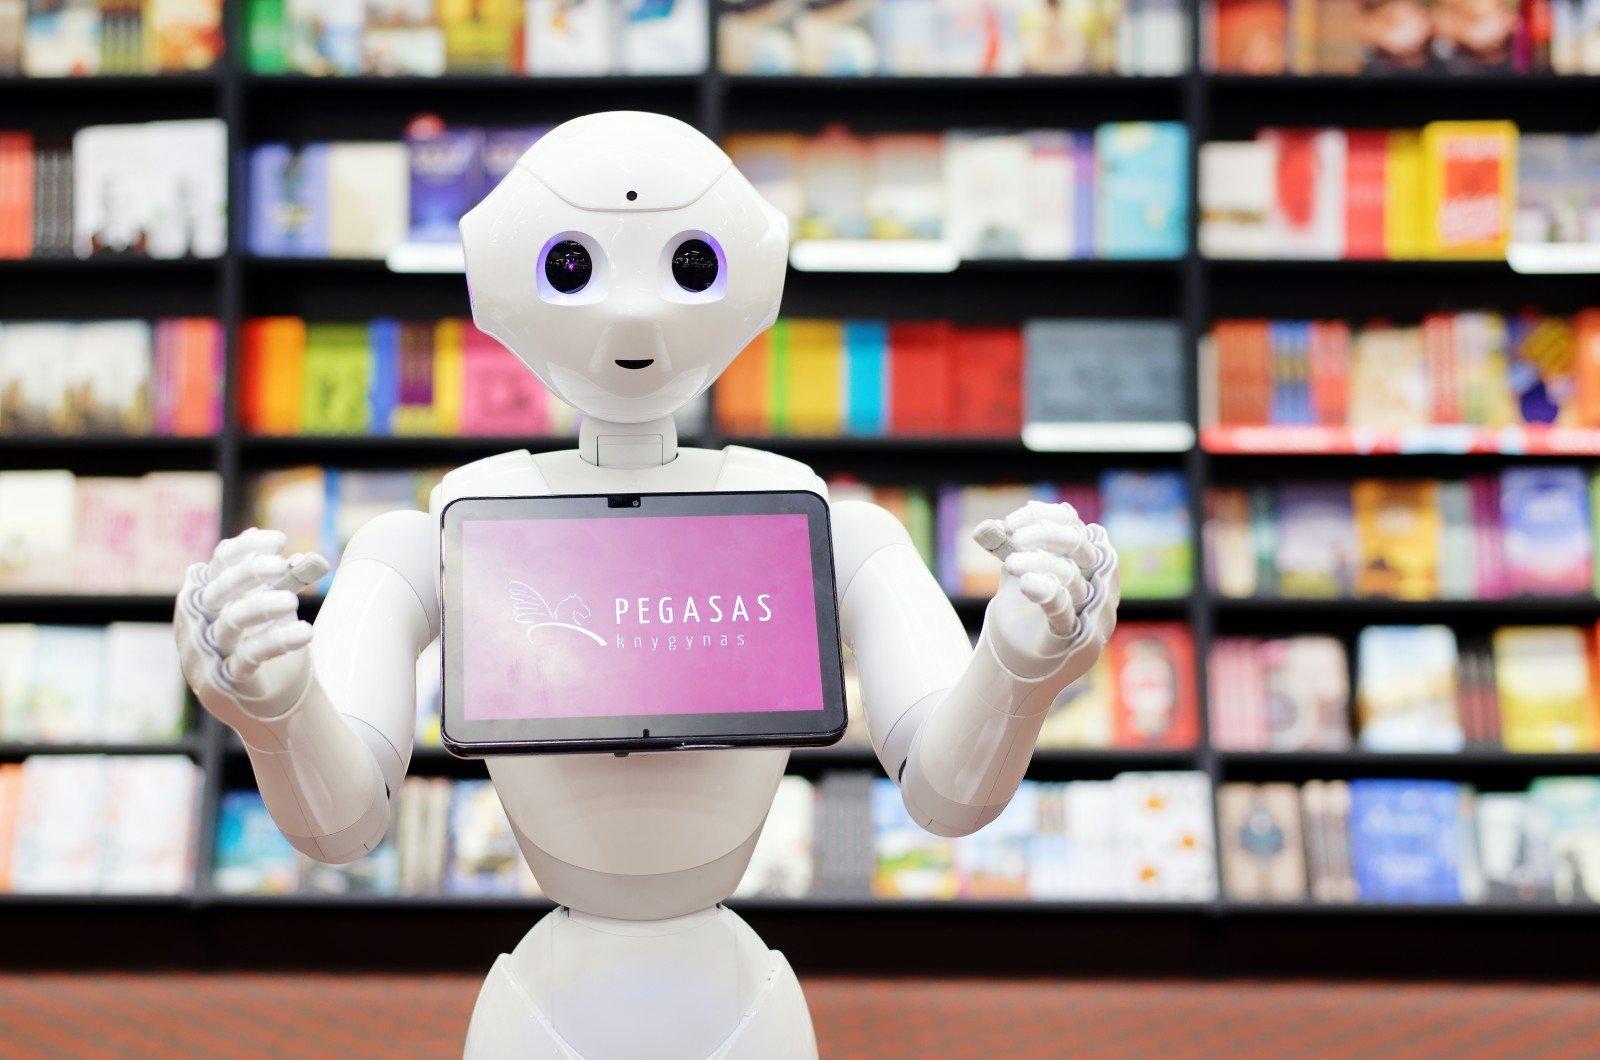 prekyba robotais